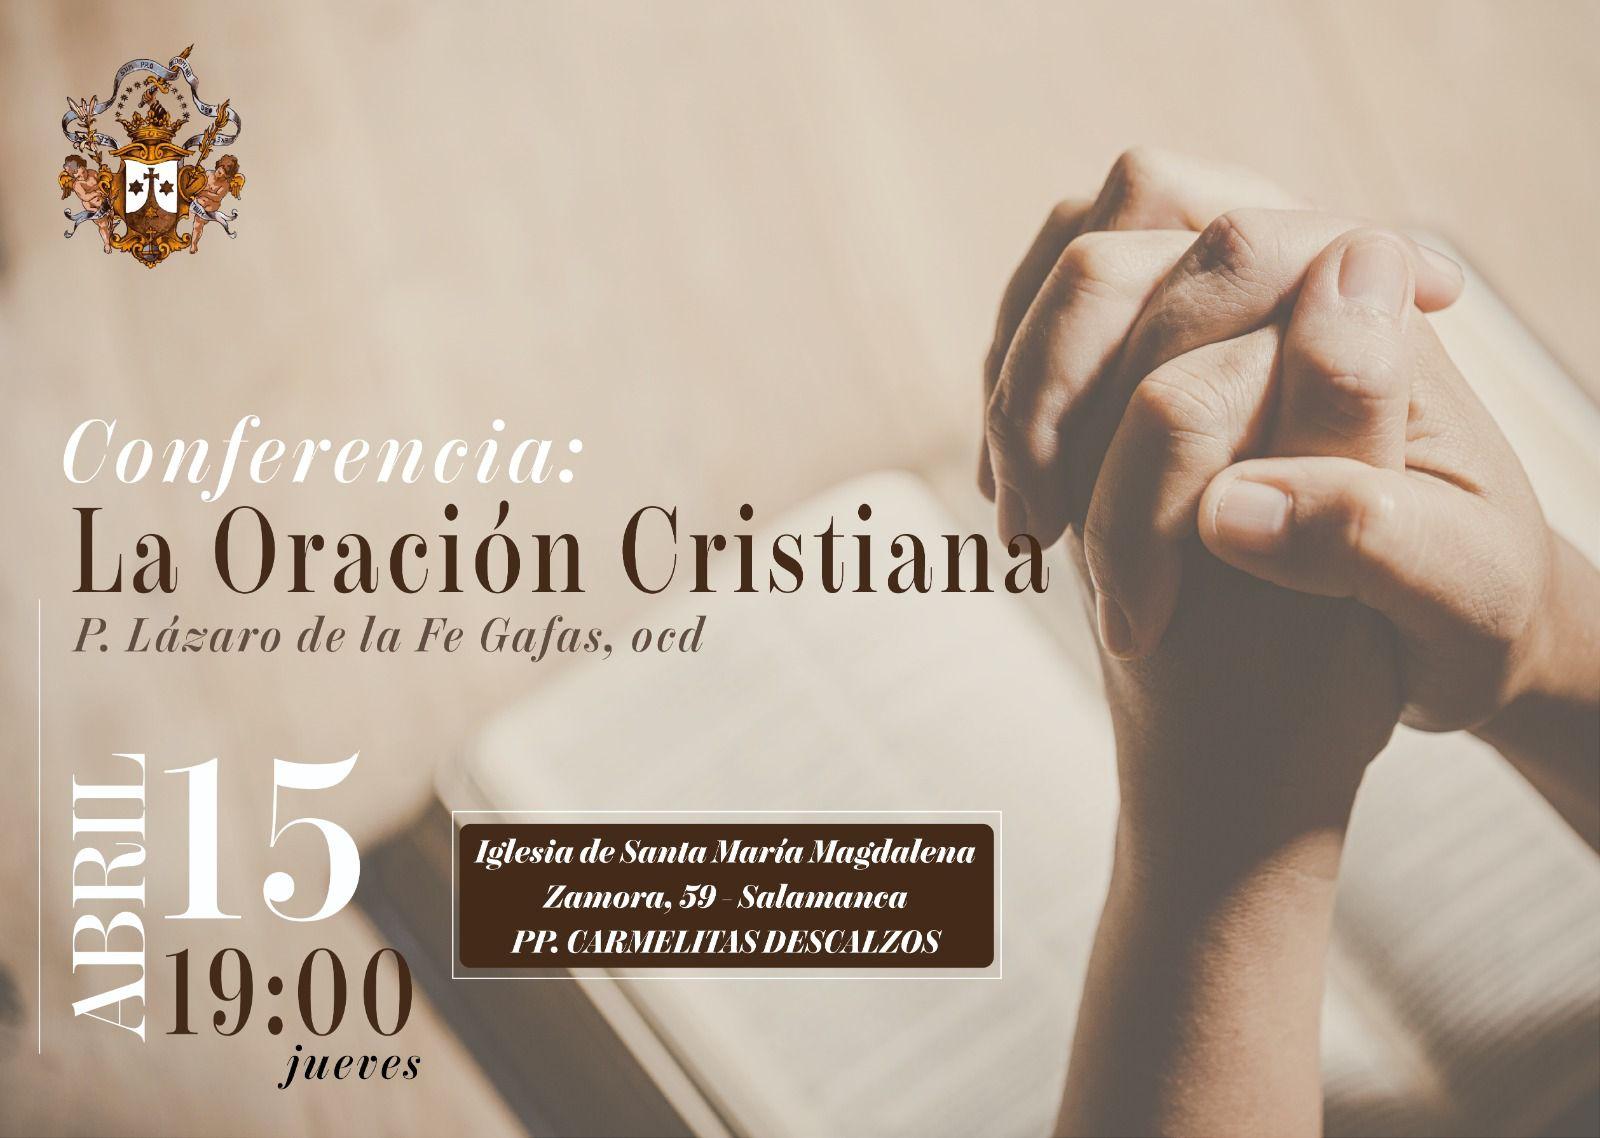 Conferencia: La oración cristiana